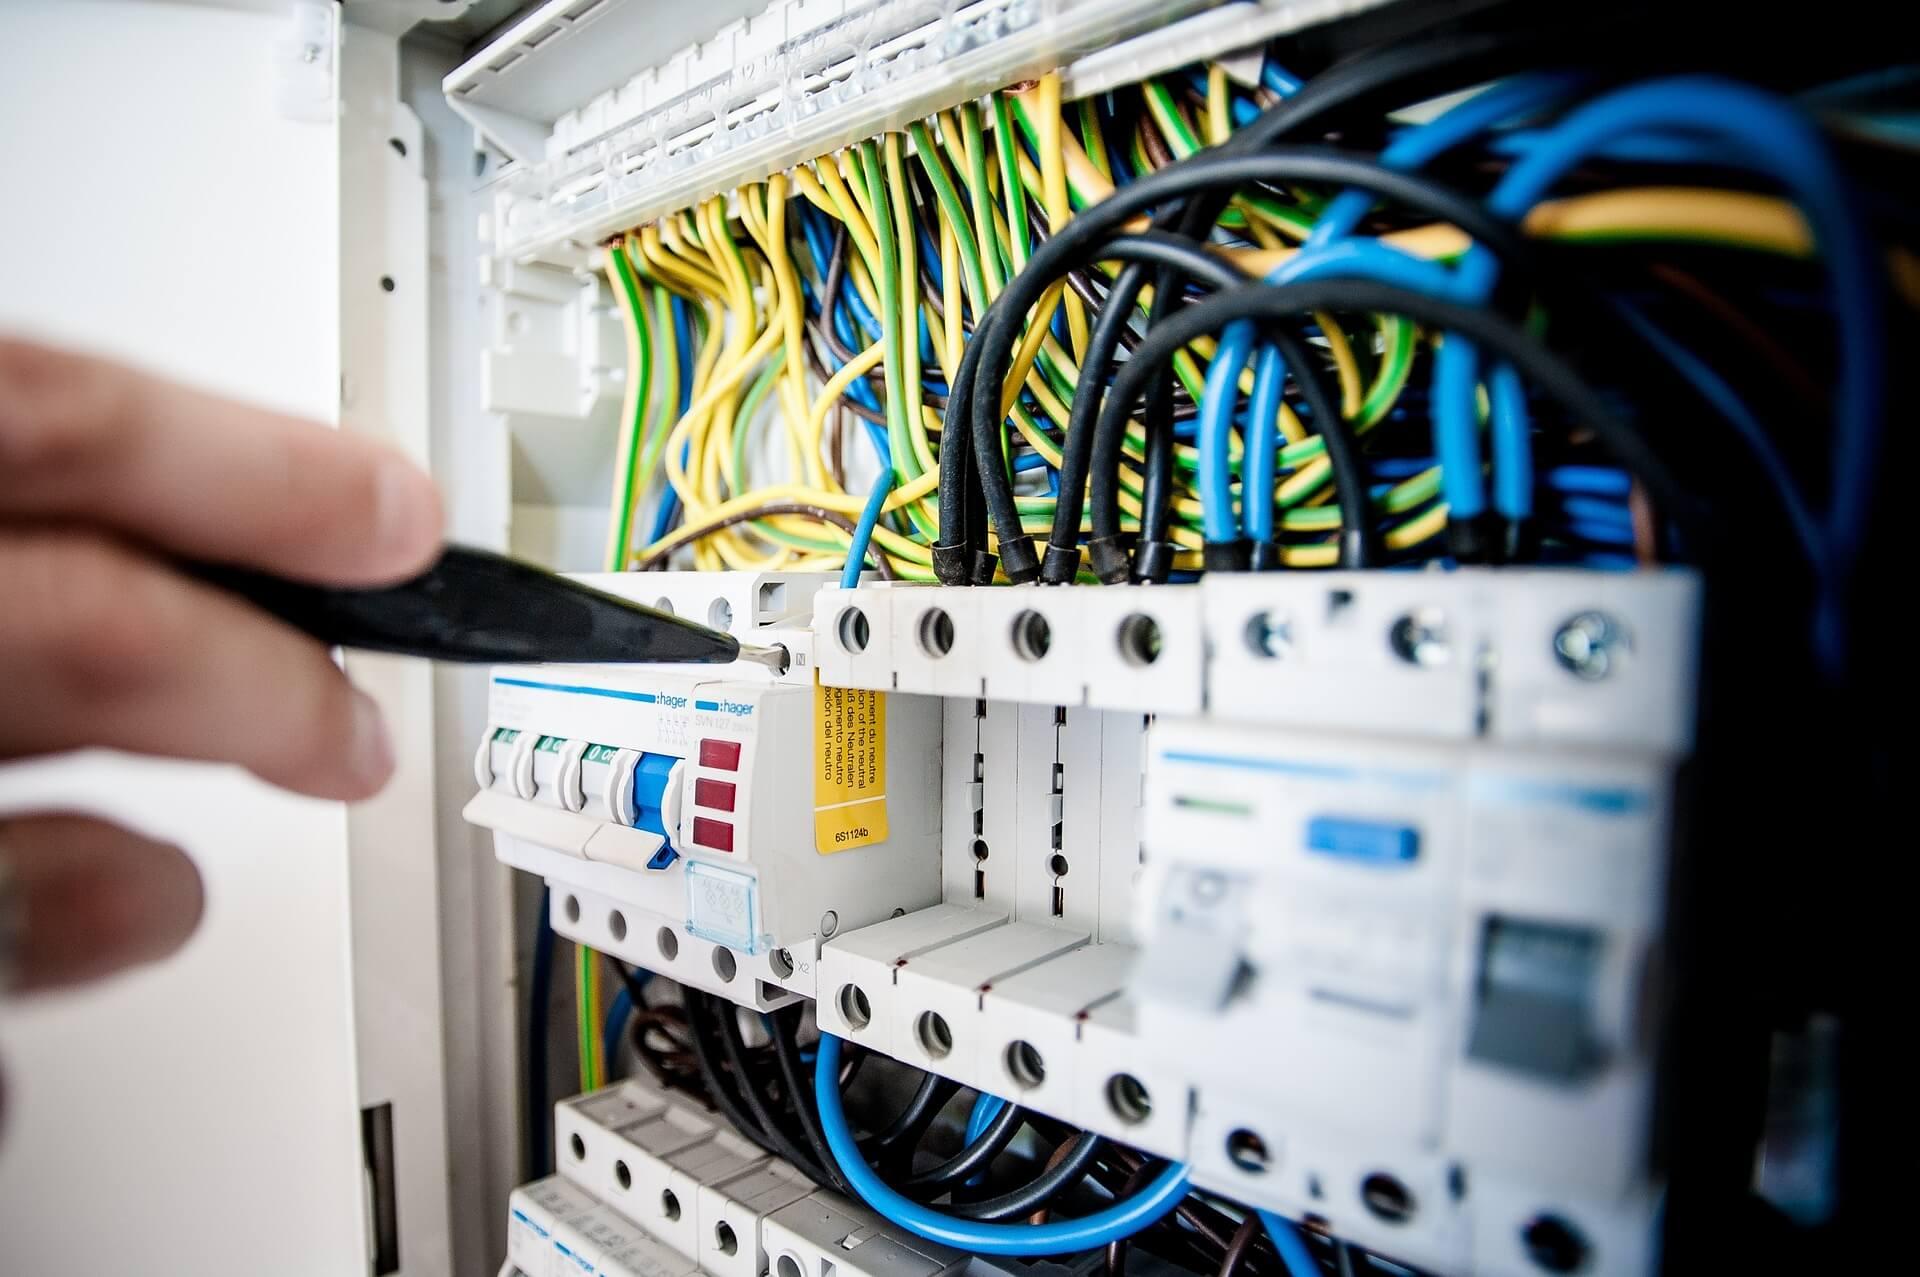 Elektronikversicherungfür Gastronomie & Hotellerie